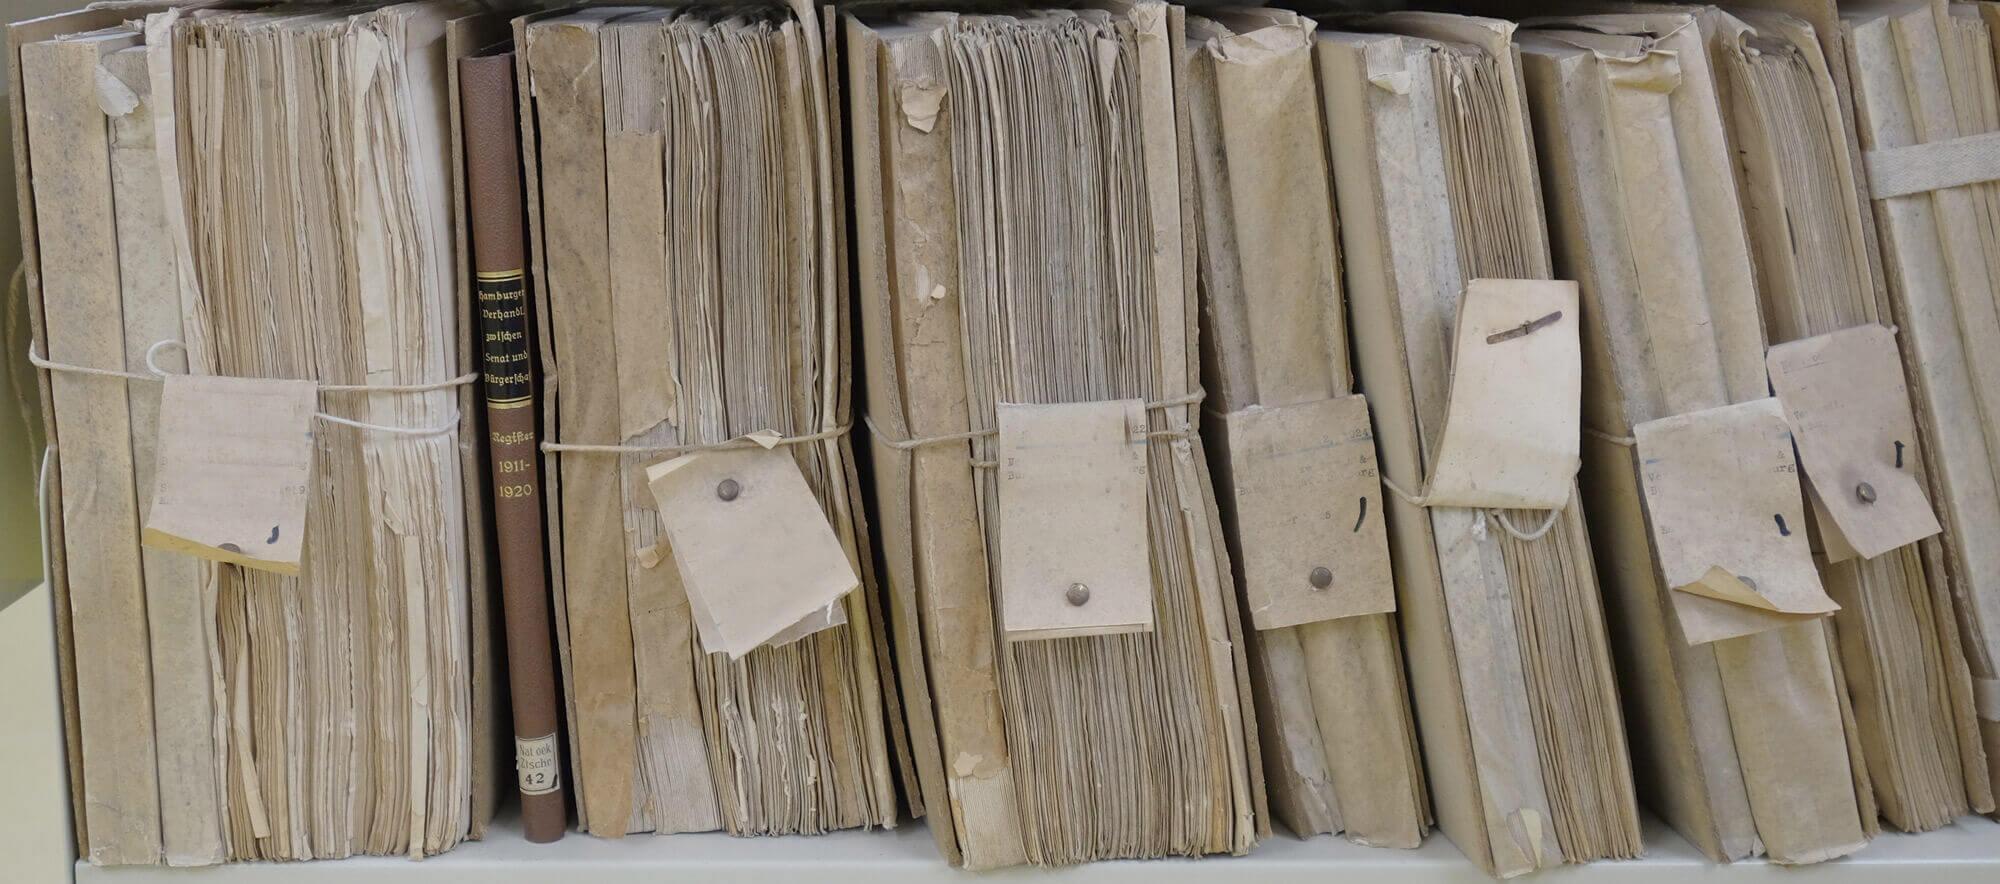 Archivierung von Dokumenten